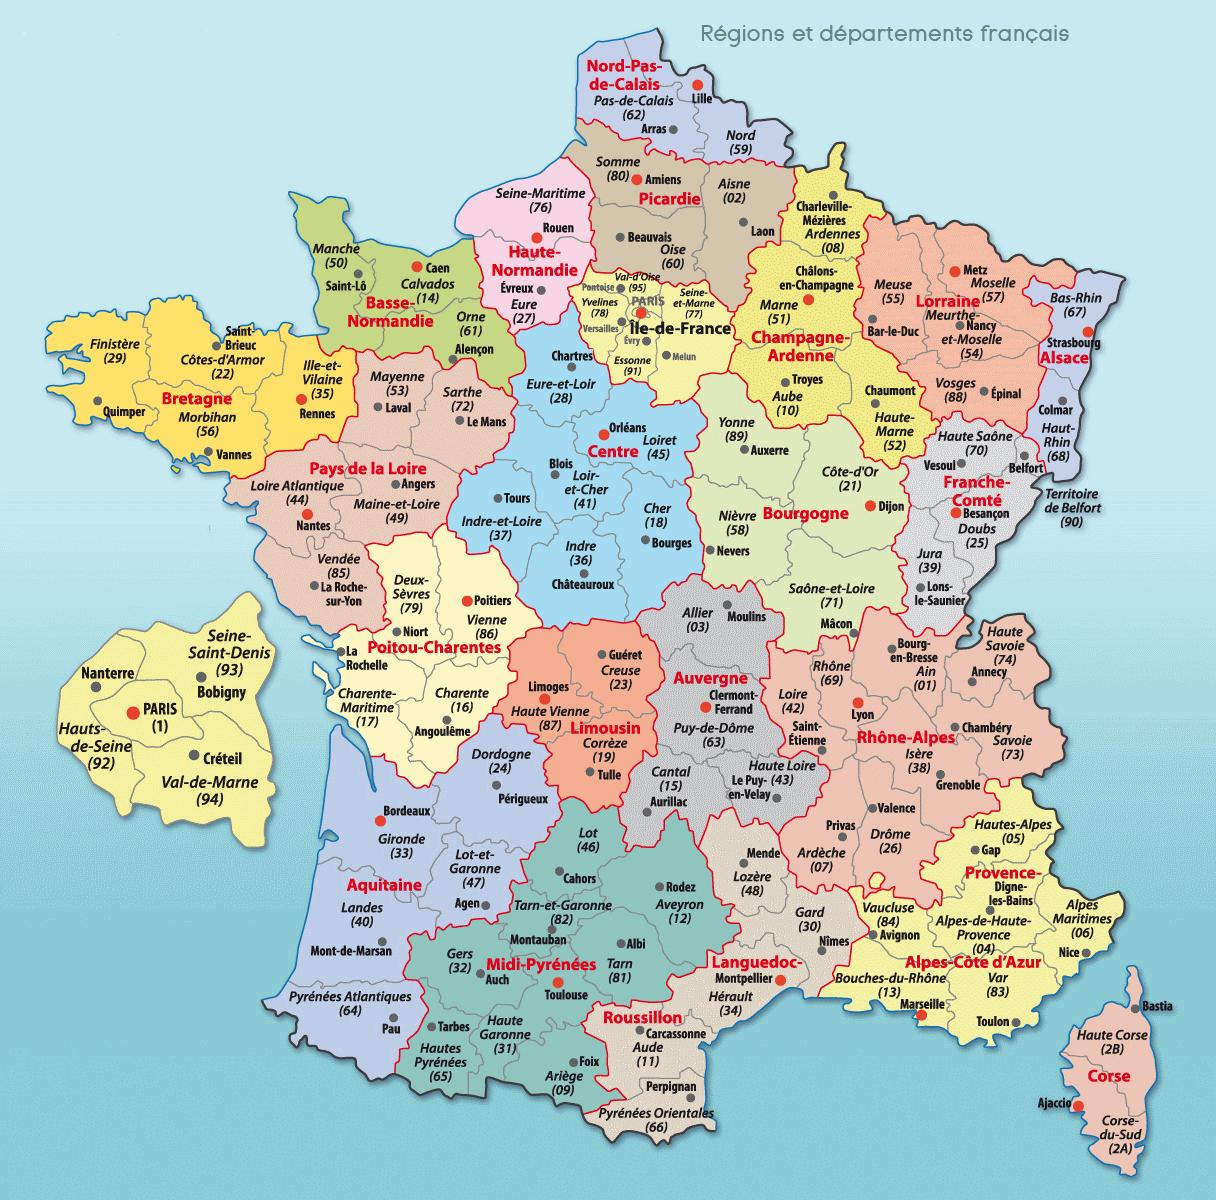 Cartes De France : Cartes Des Régions, Départements Et intérieur Mappe De France